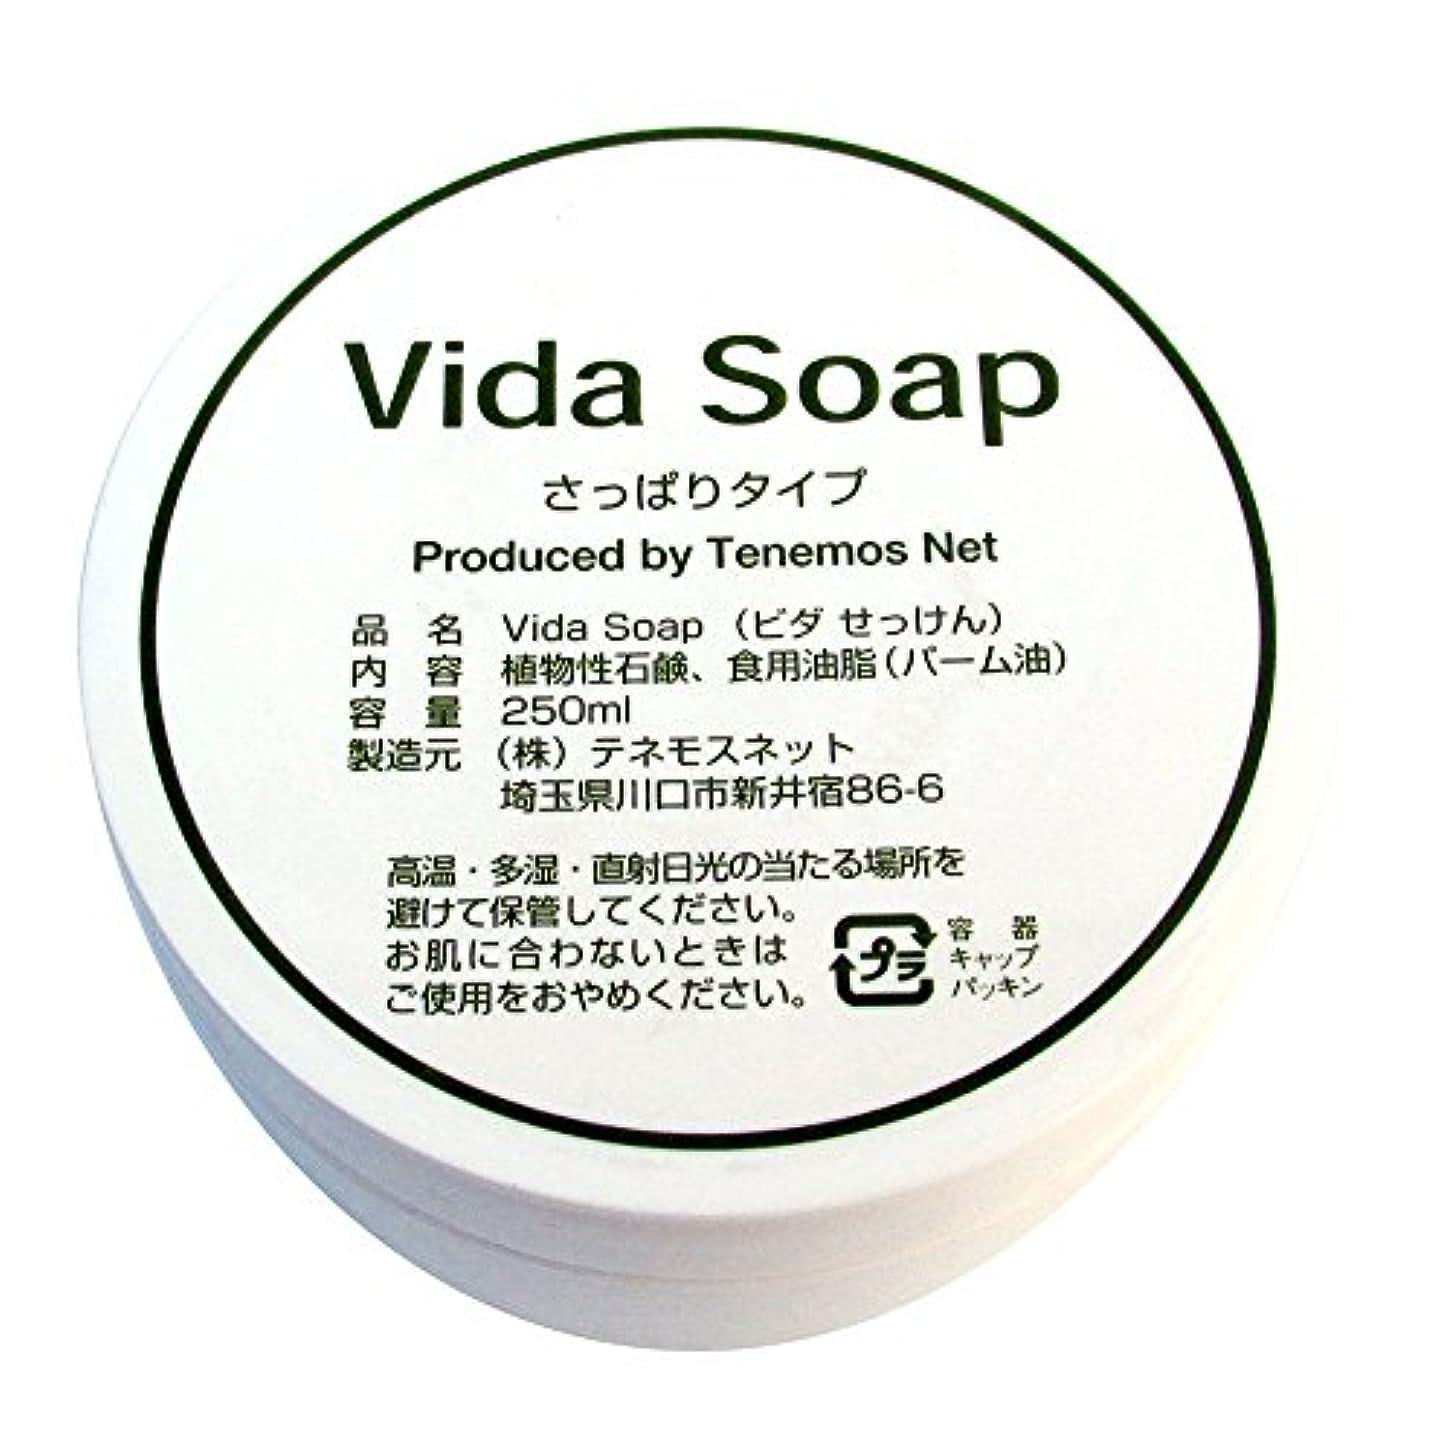 検索滑りやすい救急車テネモス ビダせっけん Vida Soap さっぱりノーマル 植物性 250ml